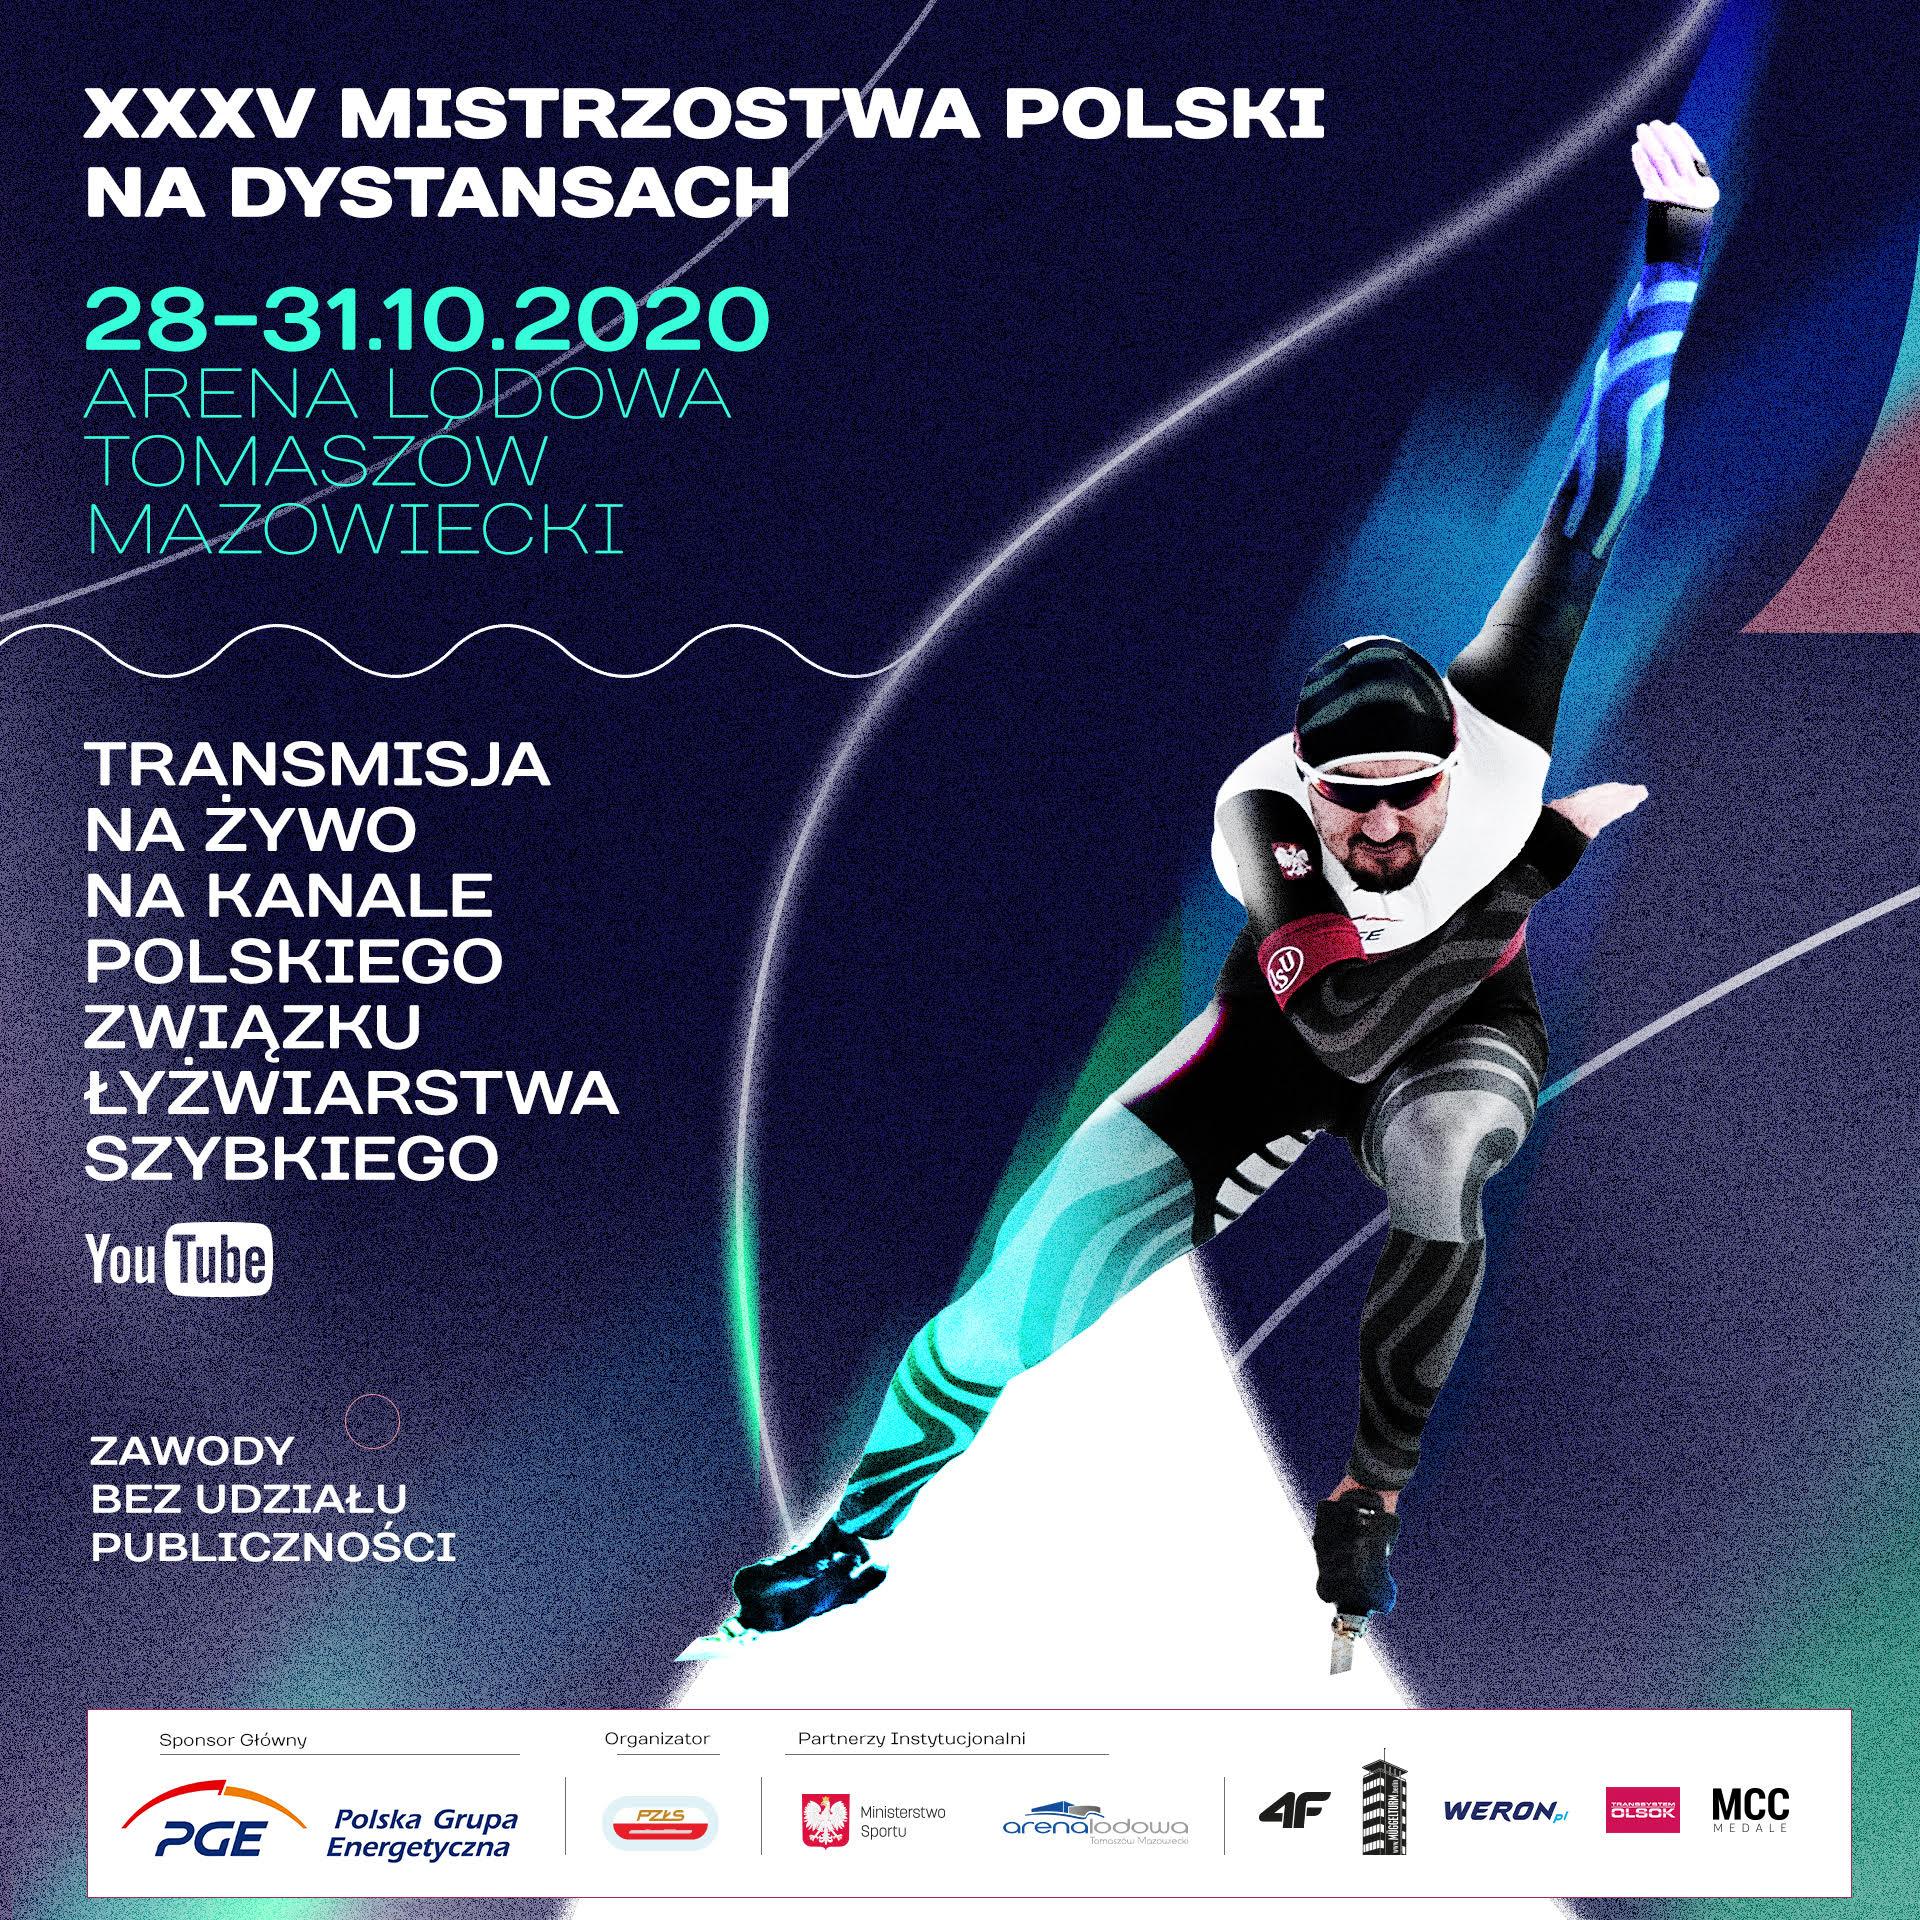 XXXV Mistrzostwa Polski na dystansach